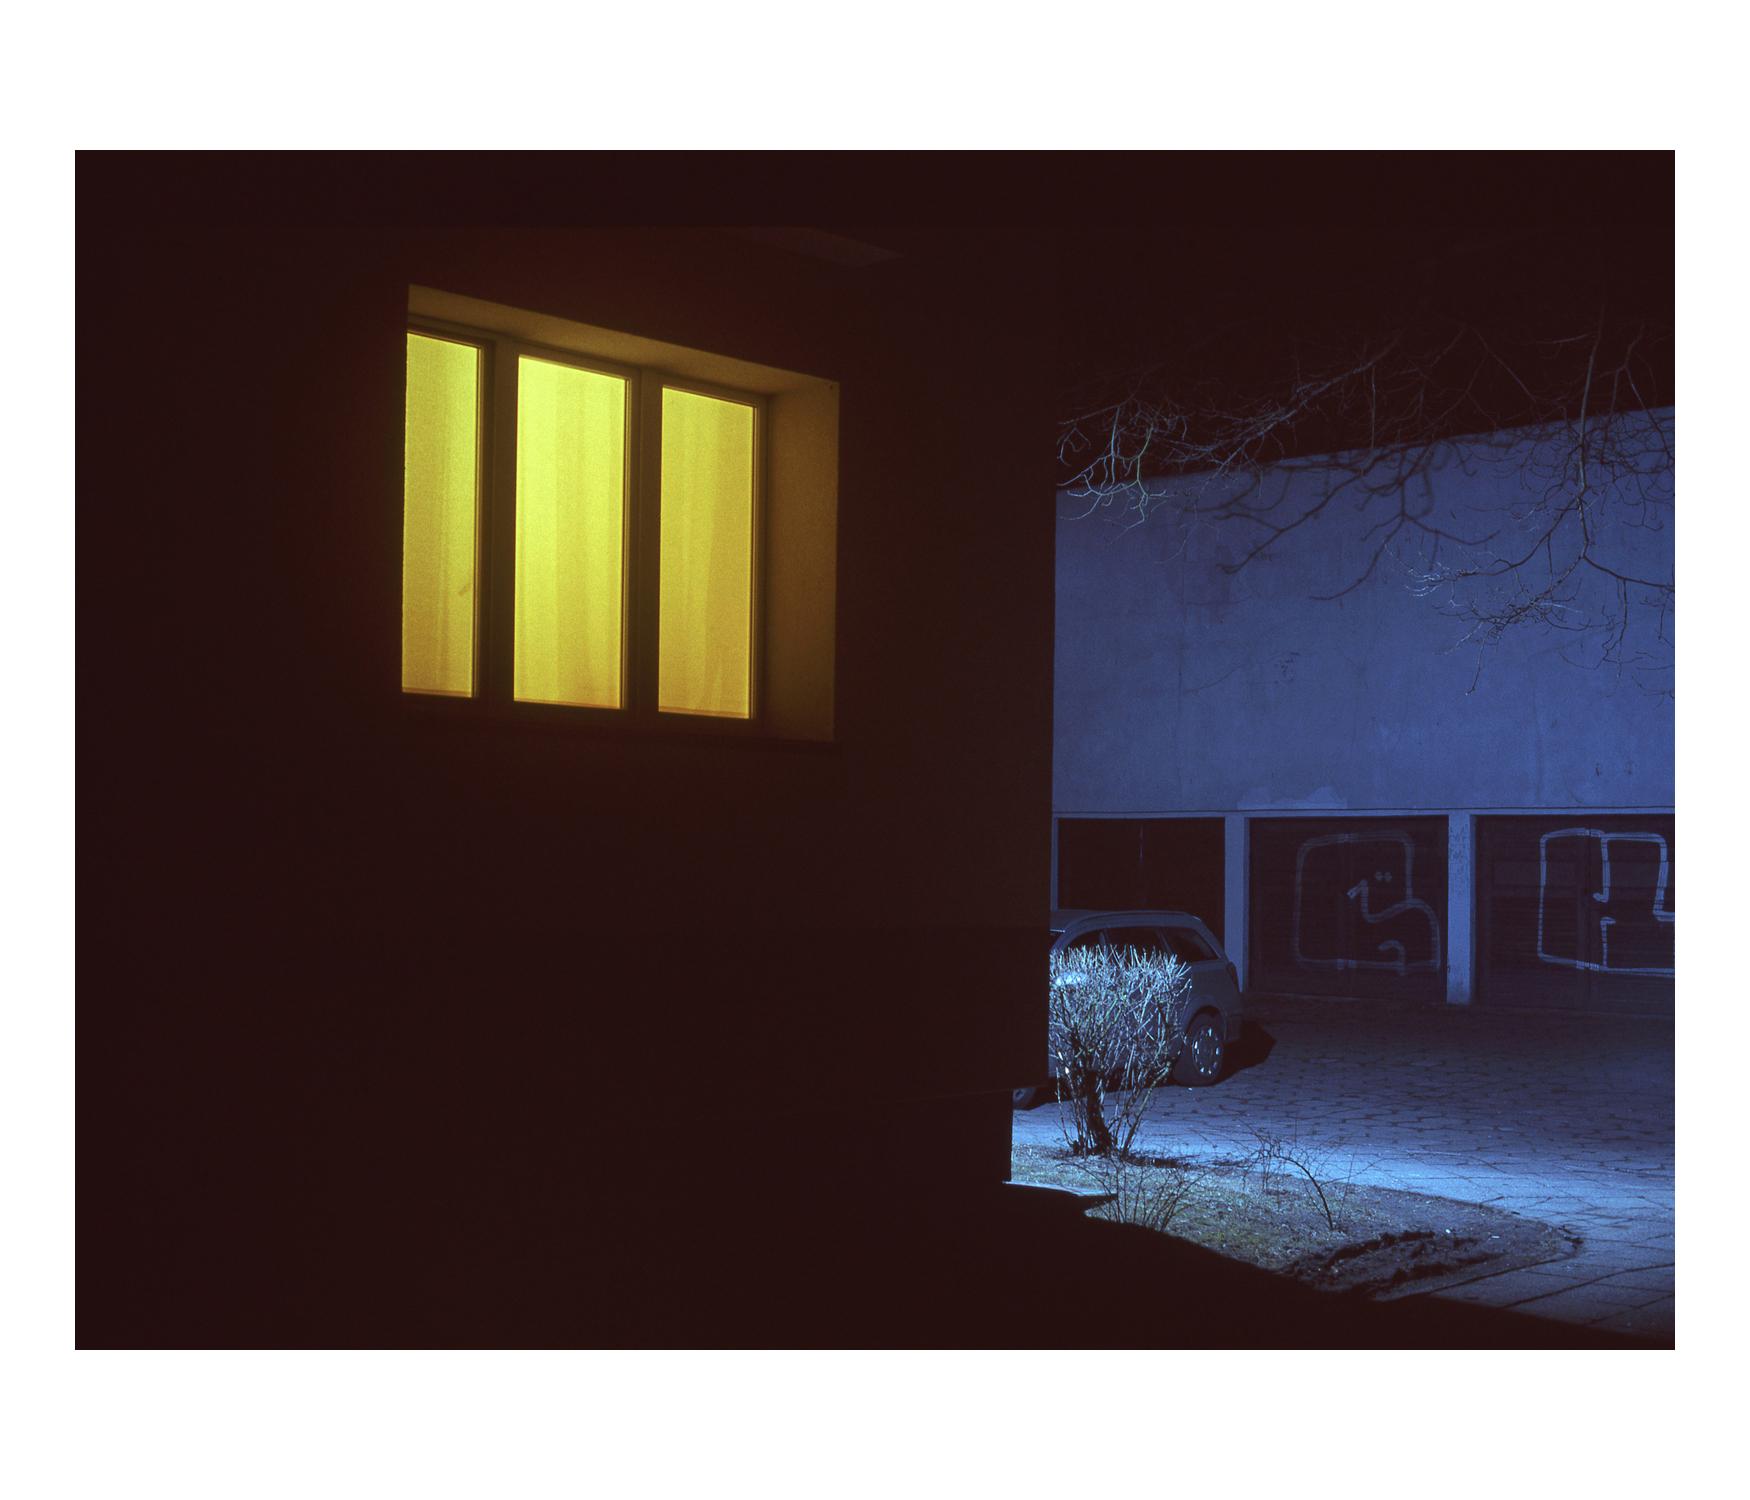 Hintergrundbilder : Fenster, Nacht-, Auto, städtisch, Mauer ...